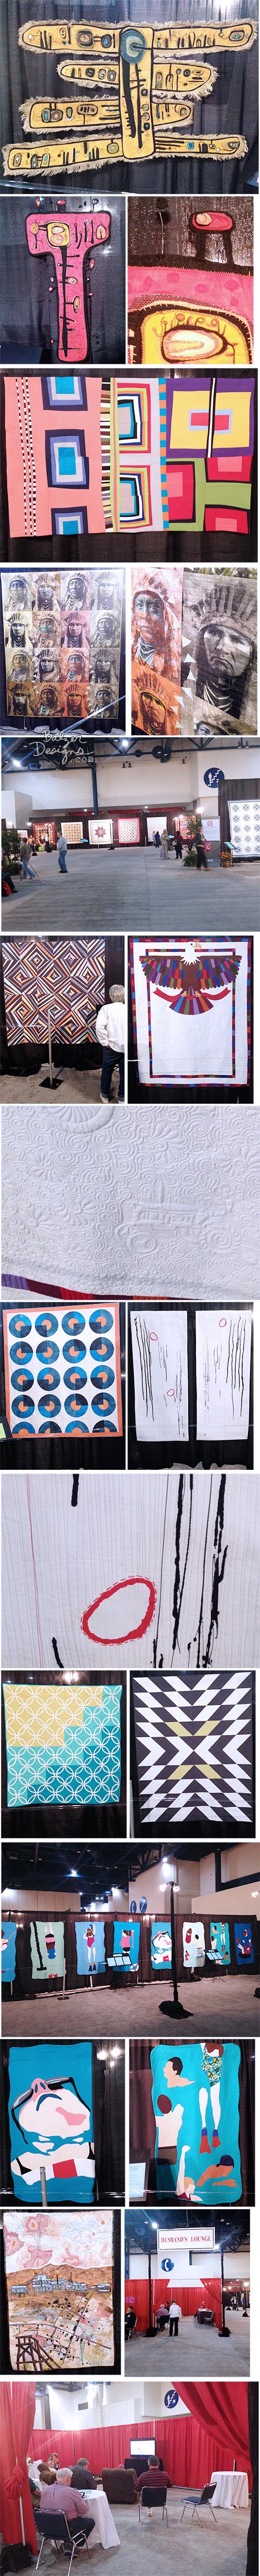 Quilts4-wm